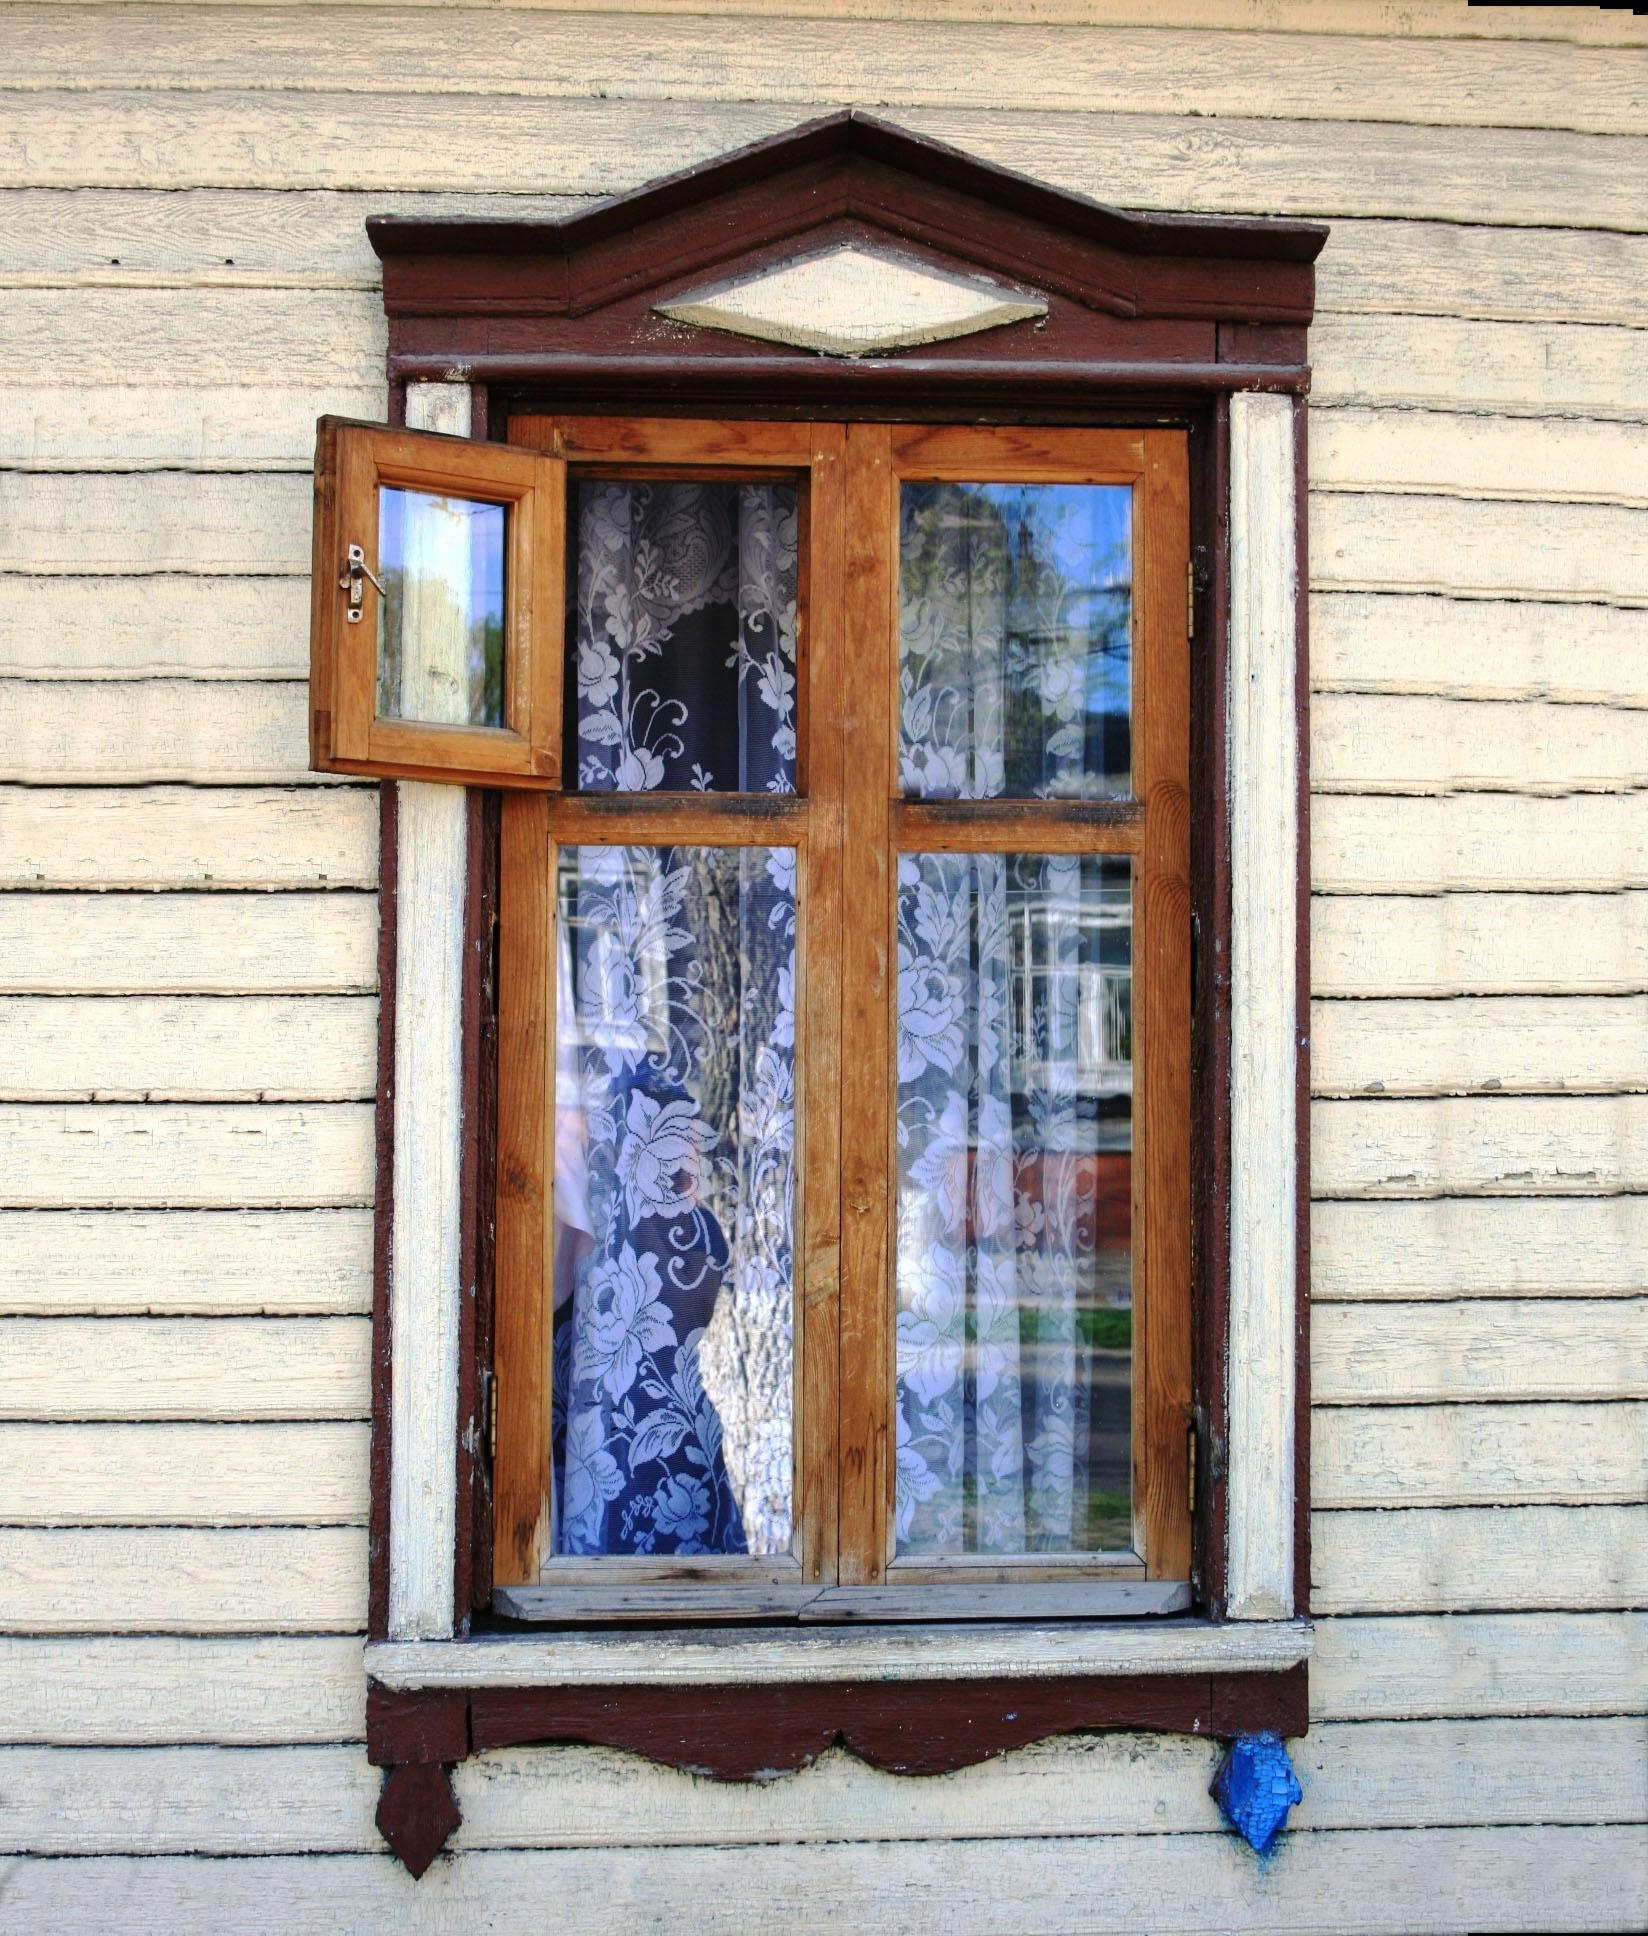 window-192242.jpg